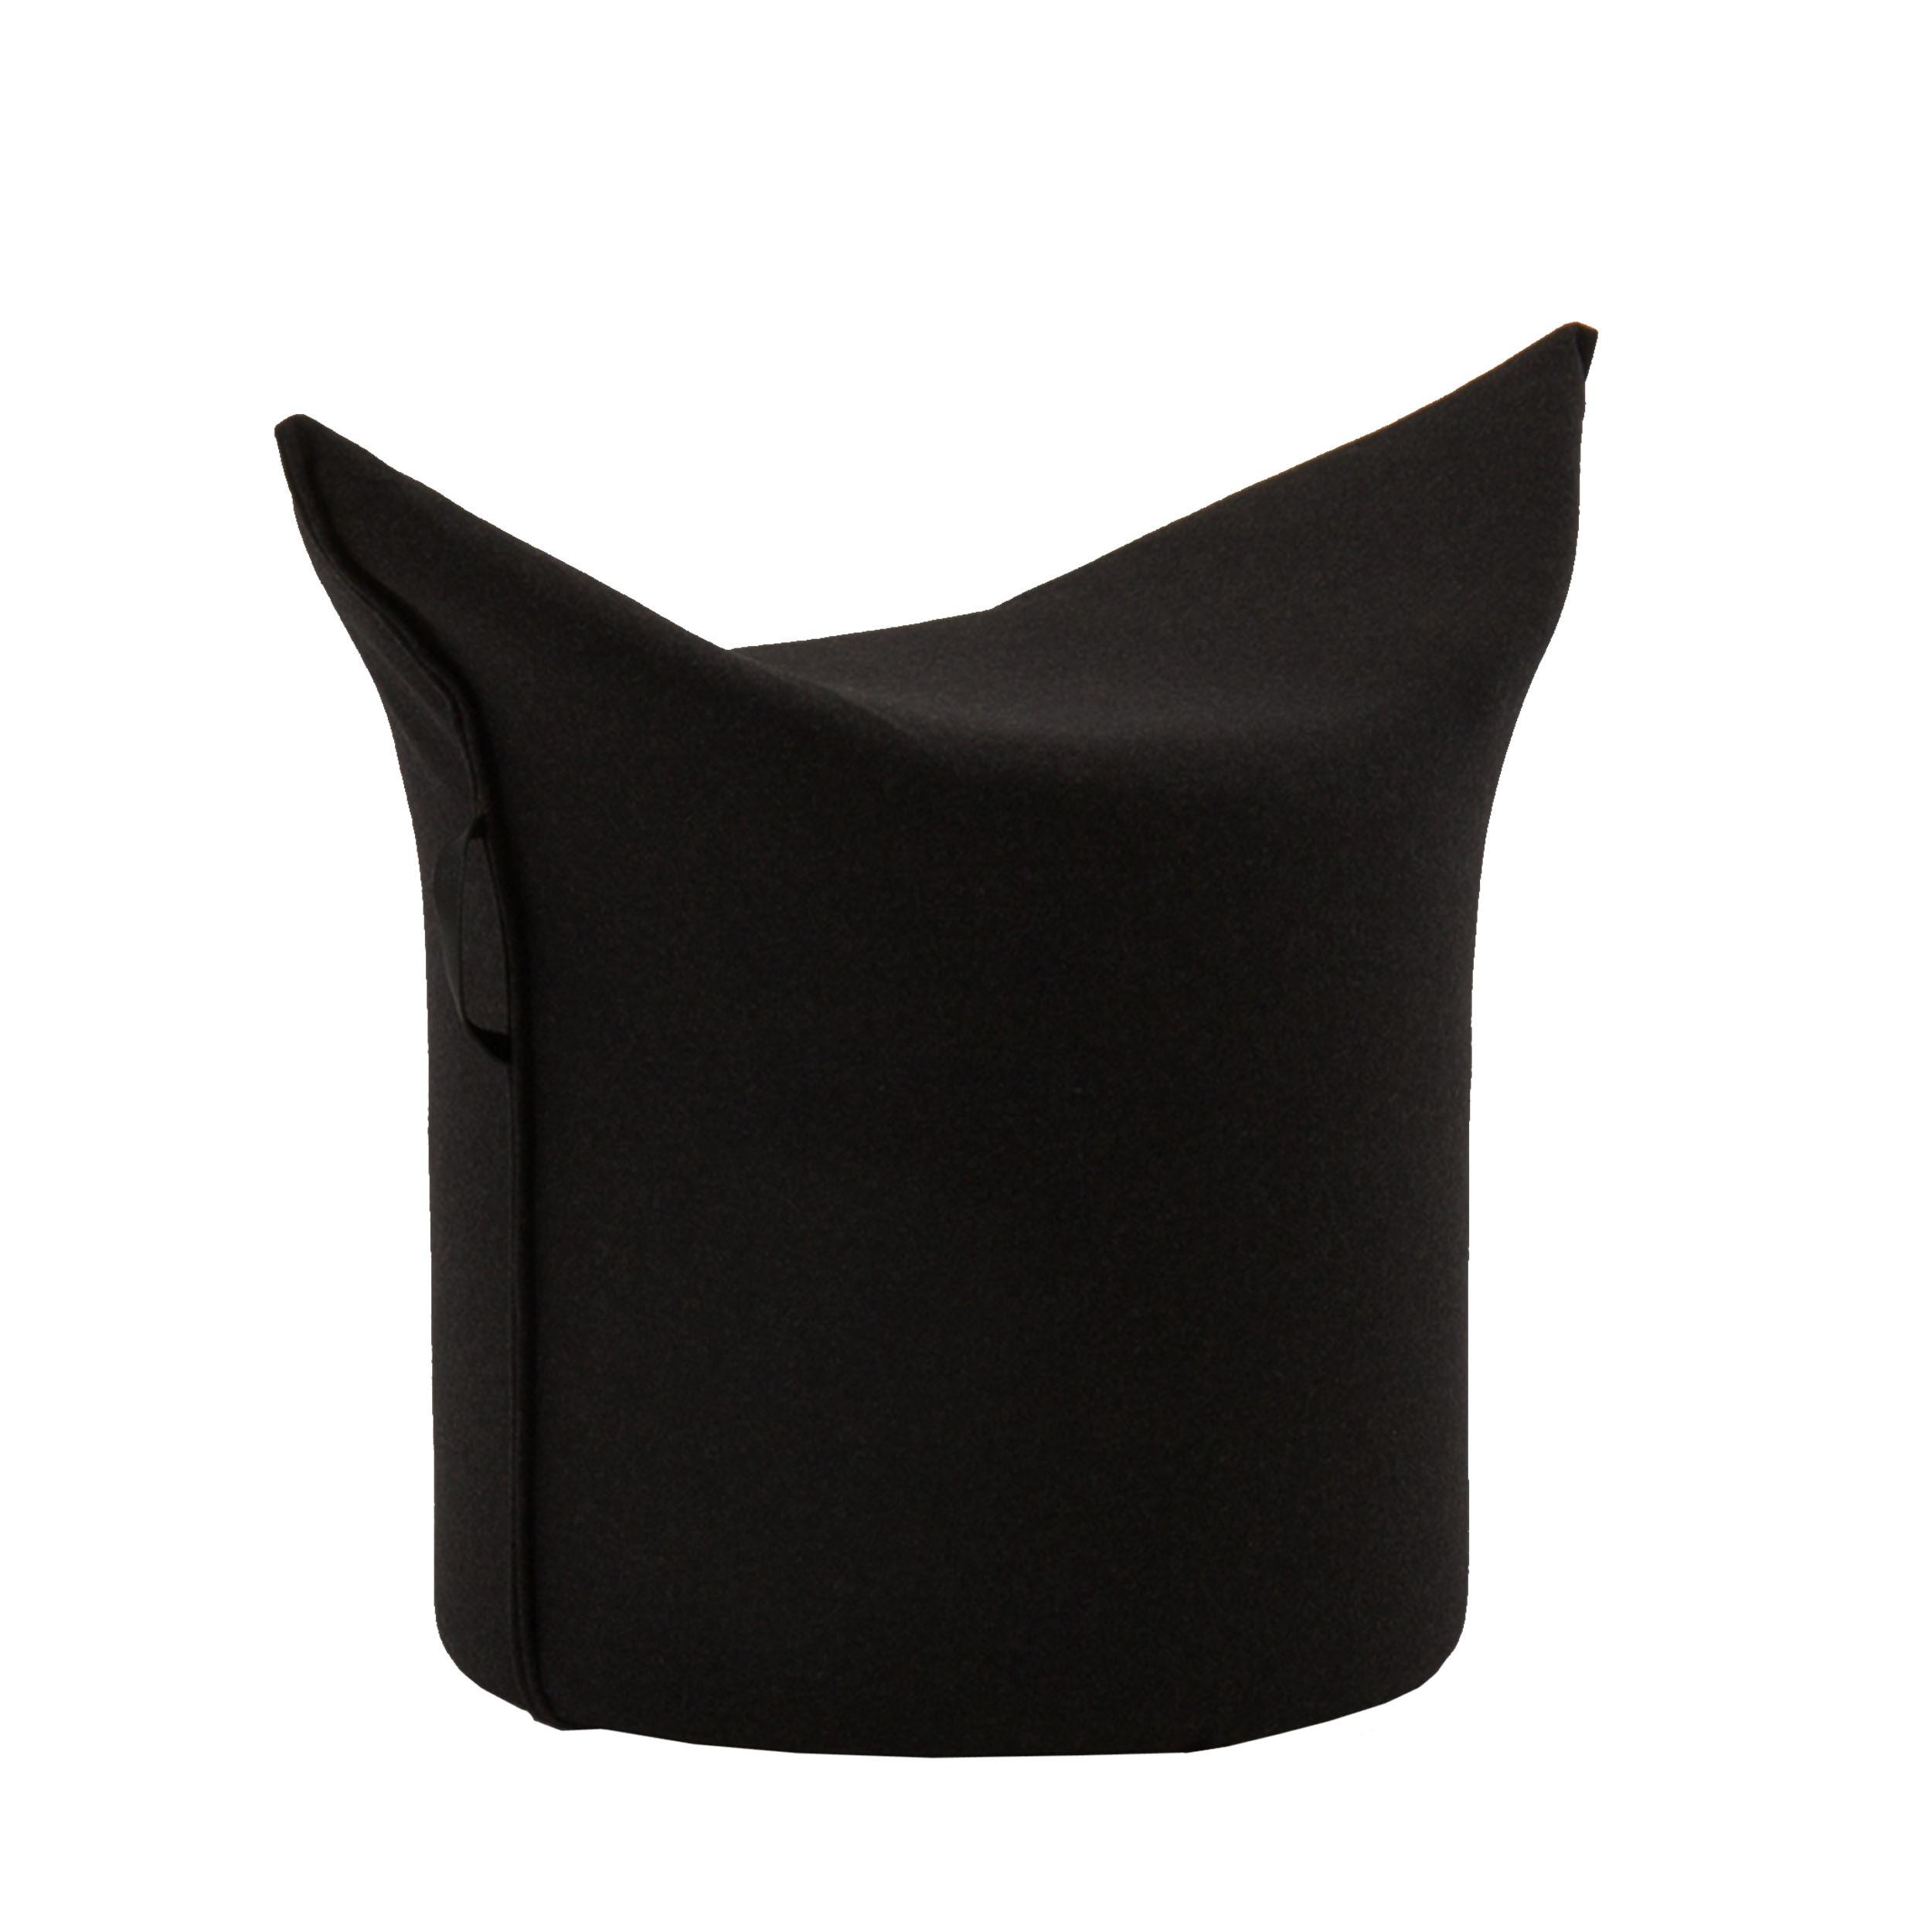 zipfel hocker 54 schwarz online kaufen bei. Black Bedroom Furniture Sets. Home Design Ideas